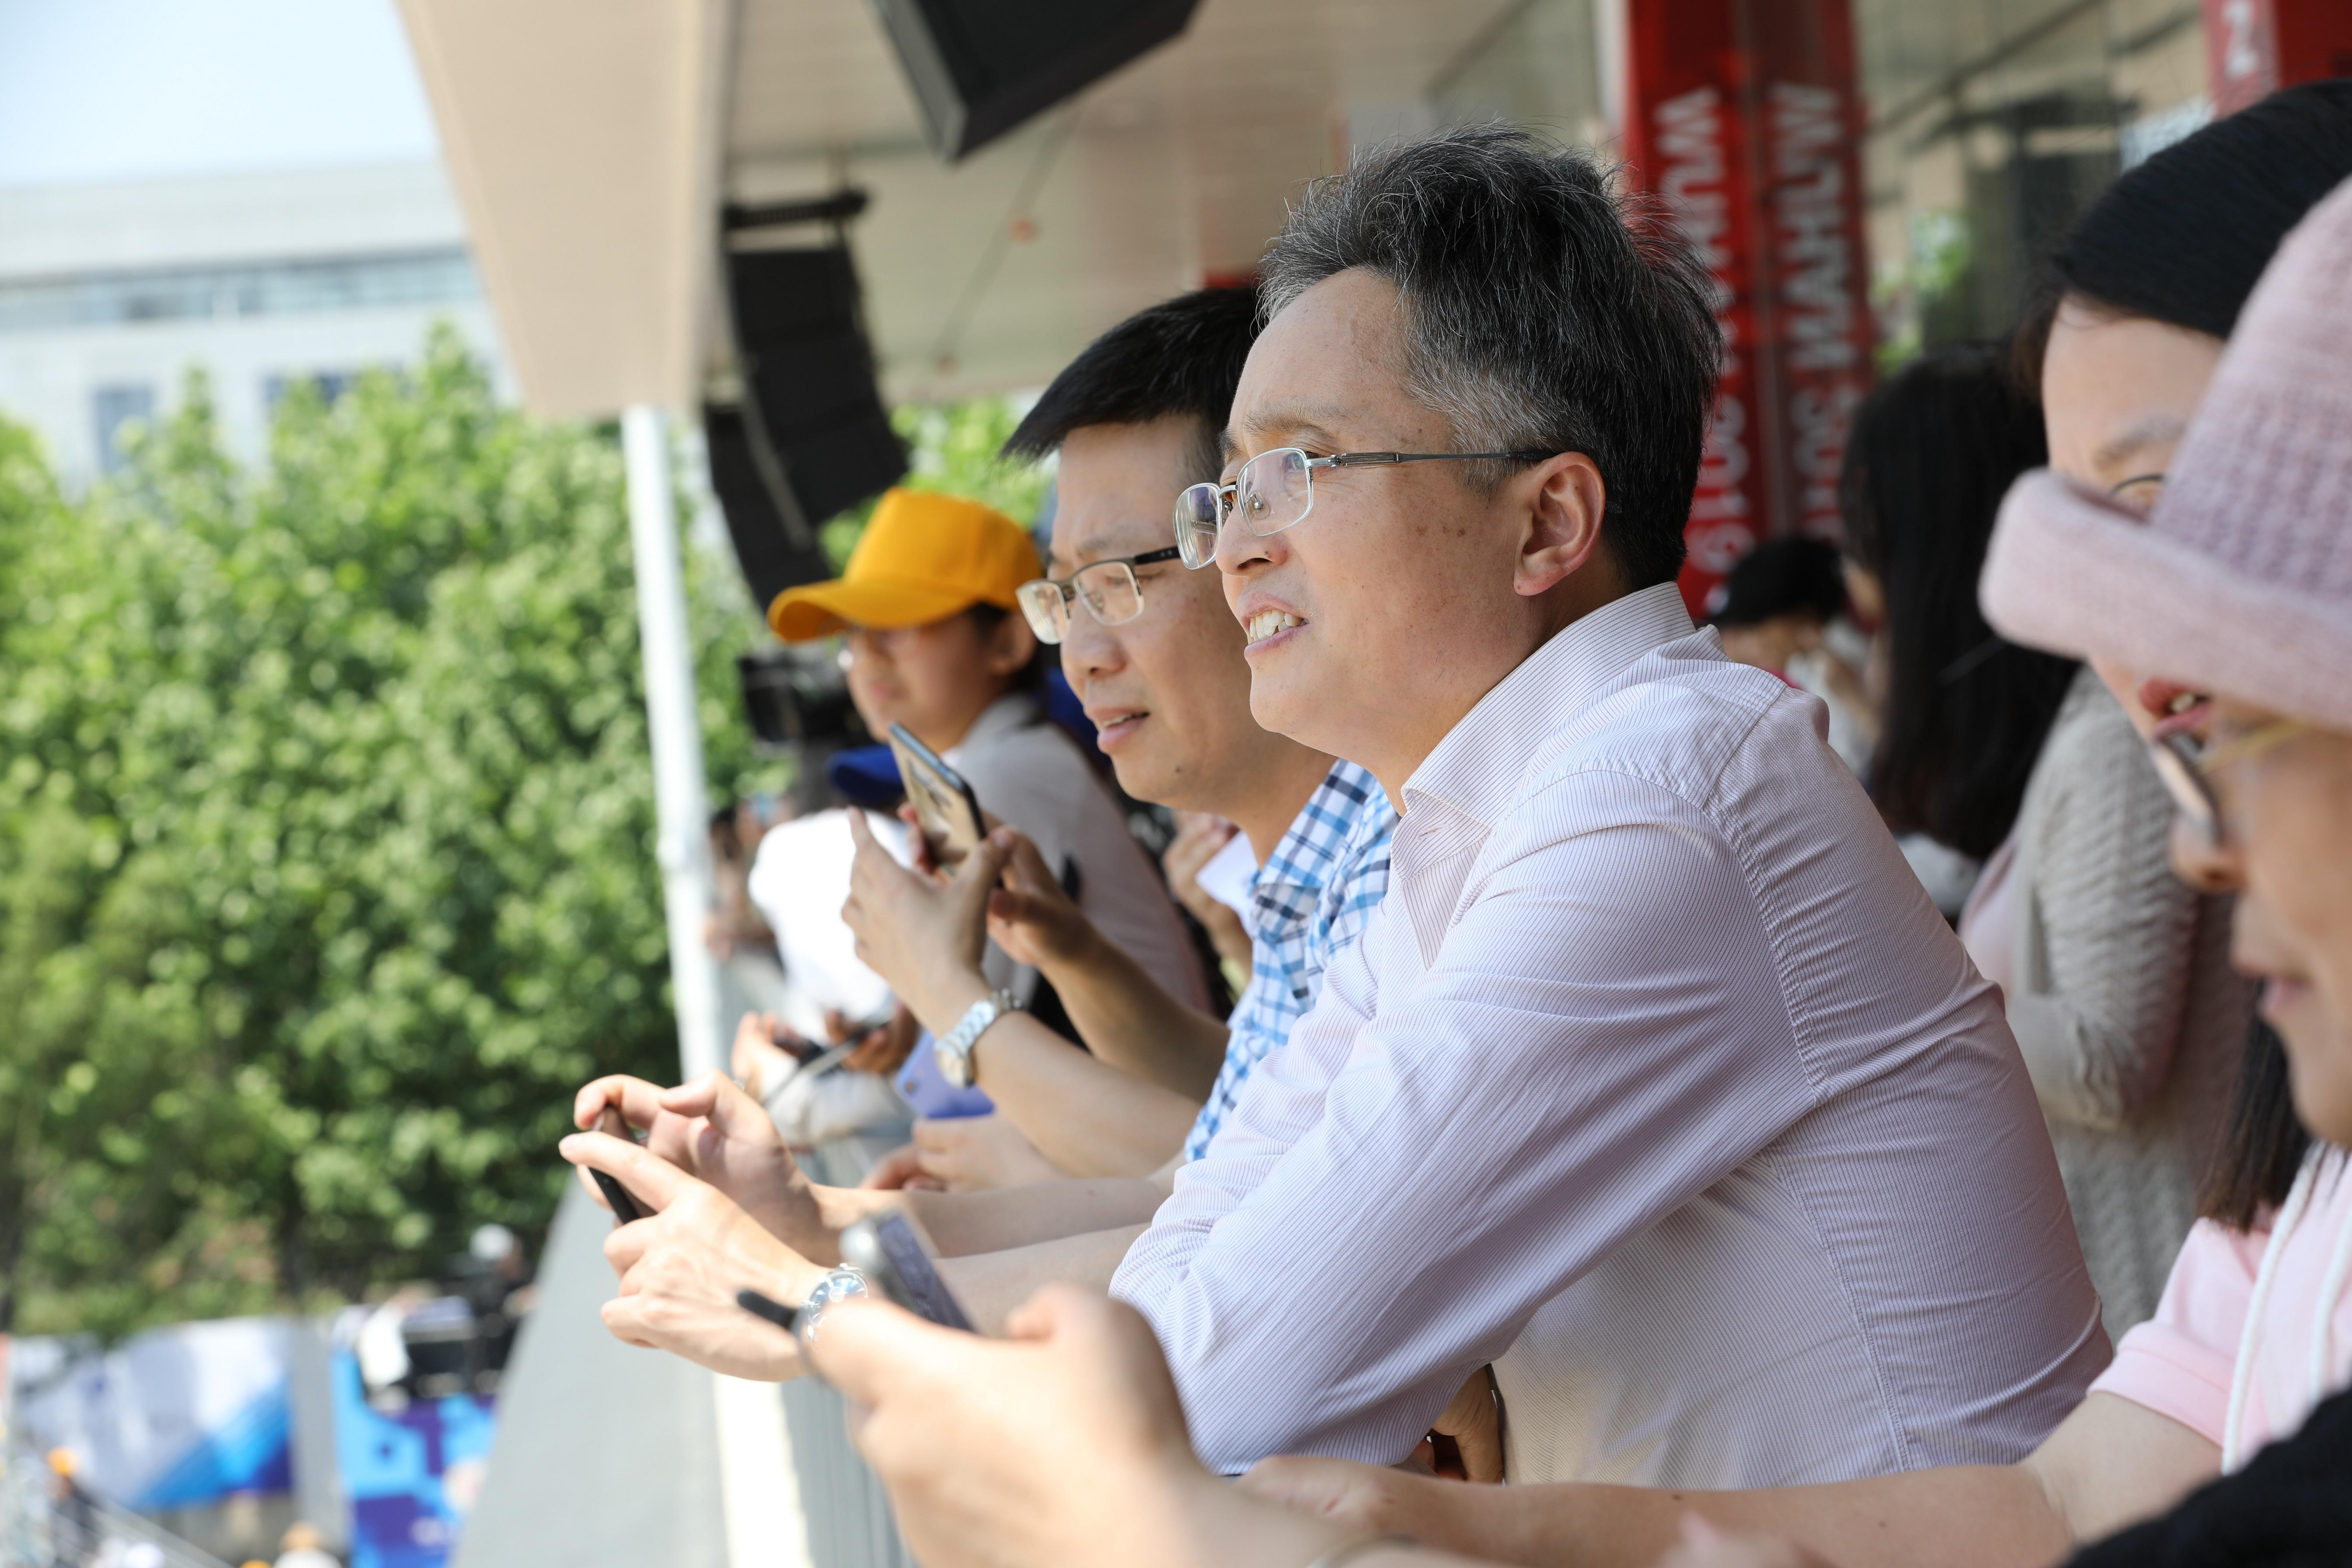 集团领导在观赛.JPG